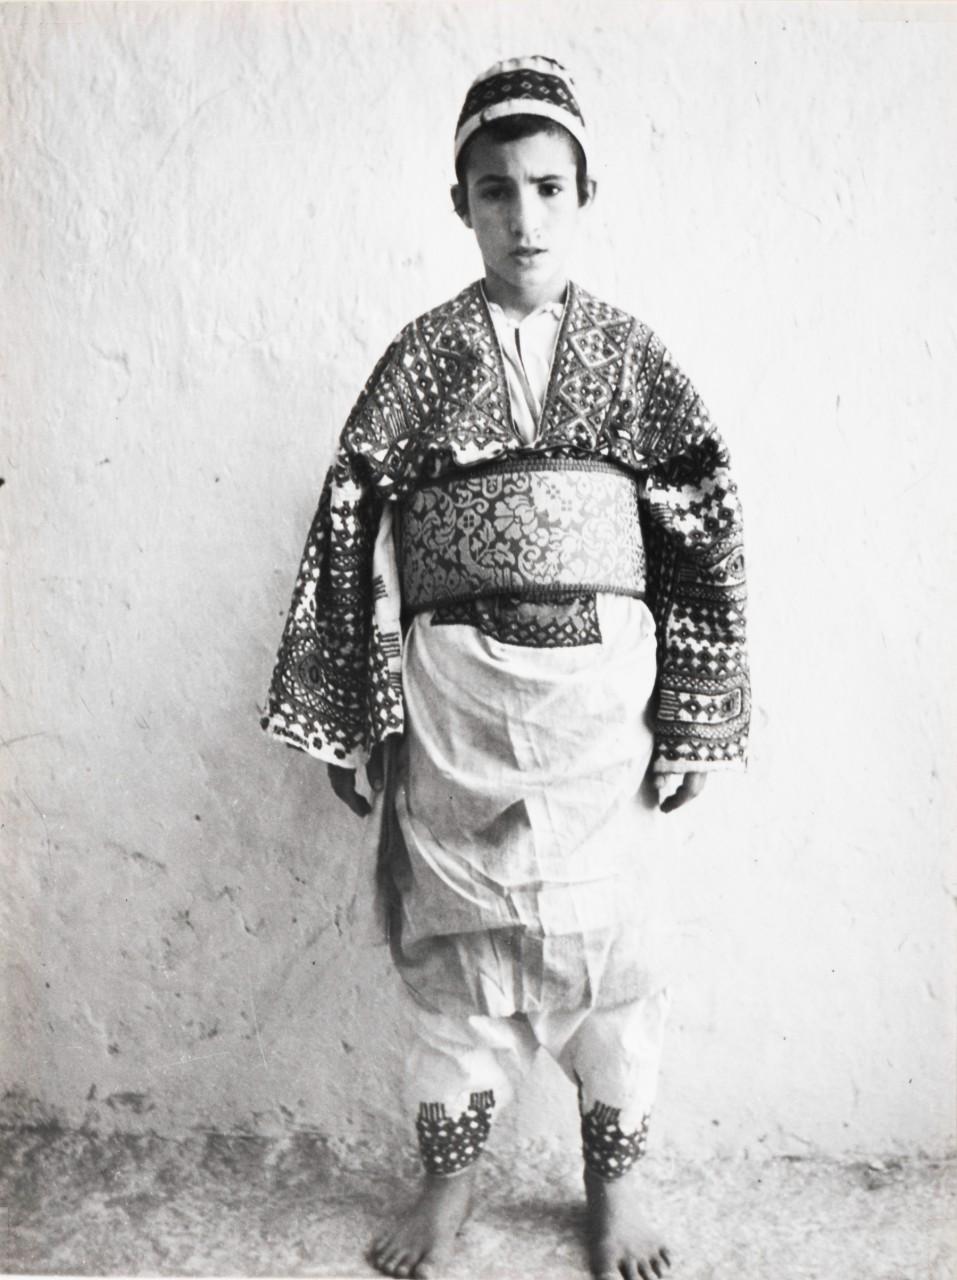 Erfoud, région du Tafilalet Messaoud Assouline (Tinghir, 1922 – Jérusalem, 2007), âgé de 13 ans, en costume de marié Collection Hannah Assouline © Adagp, Paris, 2020